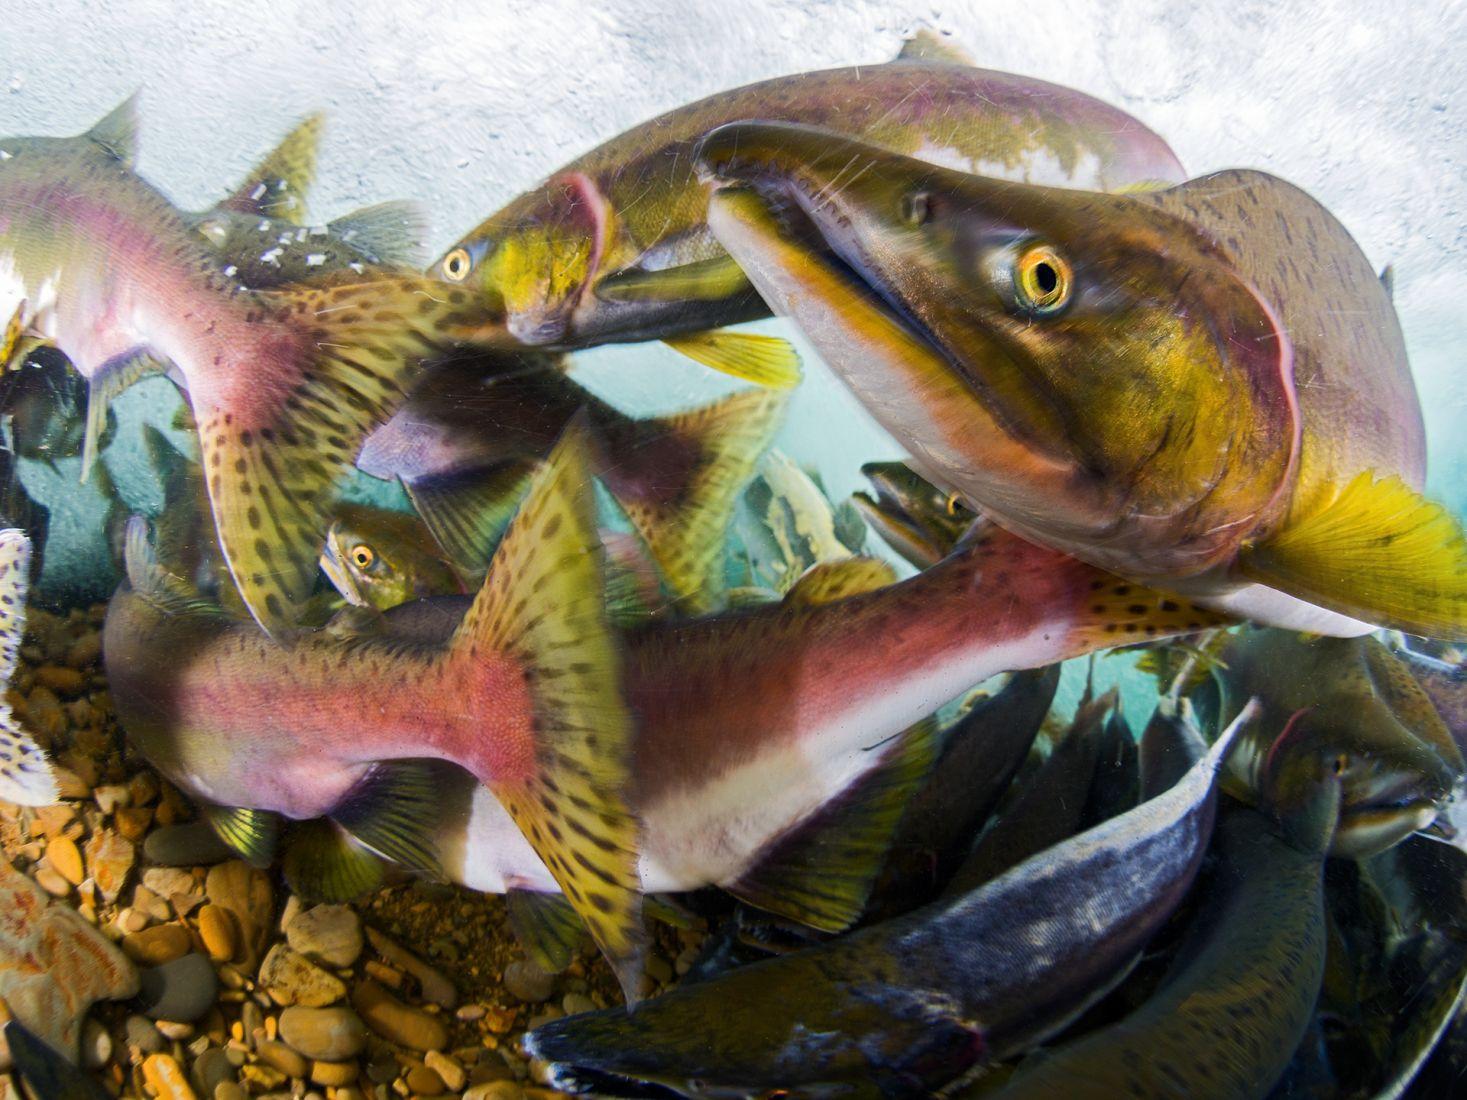 Нерест красной рыбы, © Сергей Шанин, Победитель, Фотоконкурс «Золотая Черепаха»